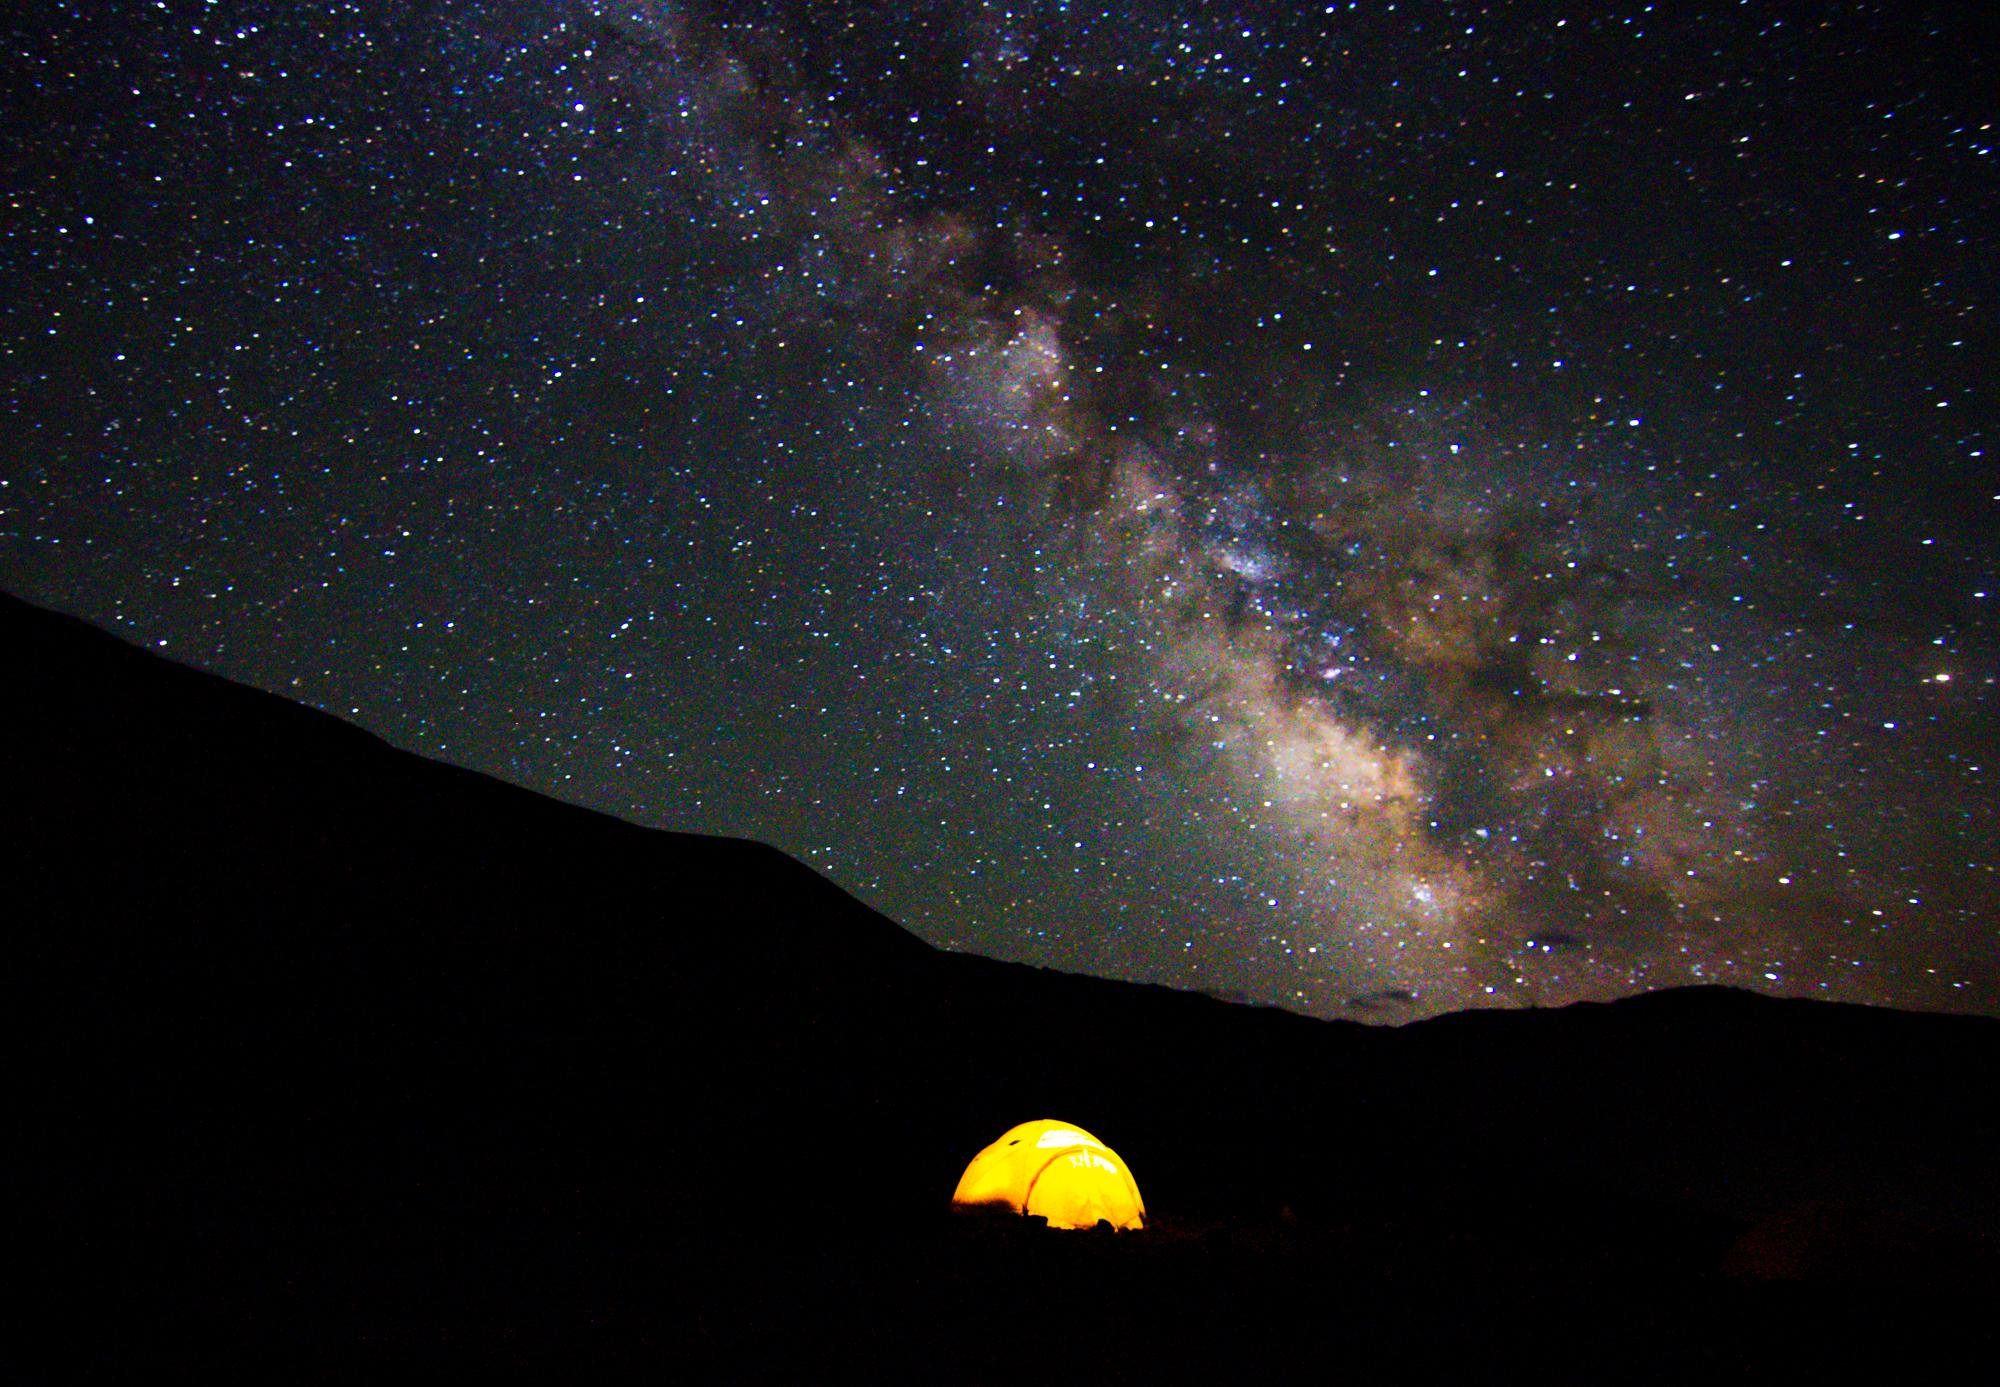 Milky Way at basecamp 14,500' photo by Bryan Long